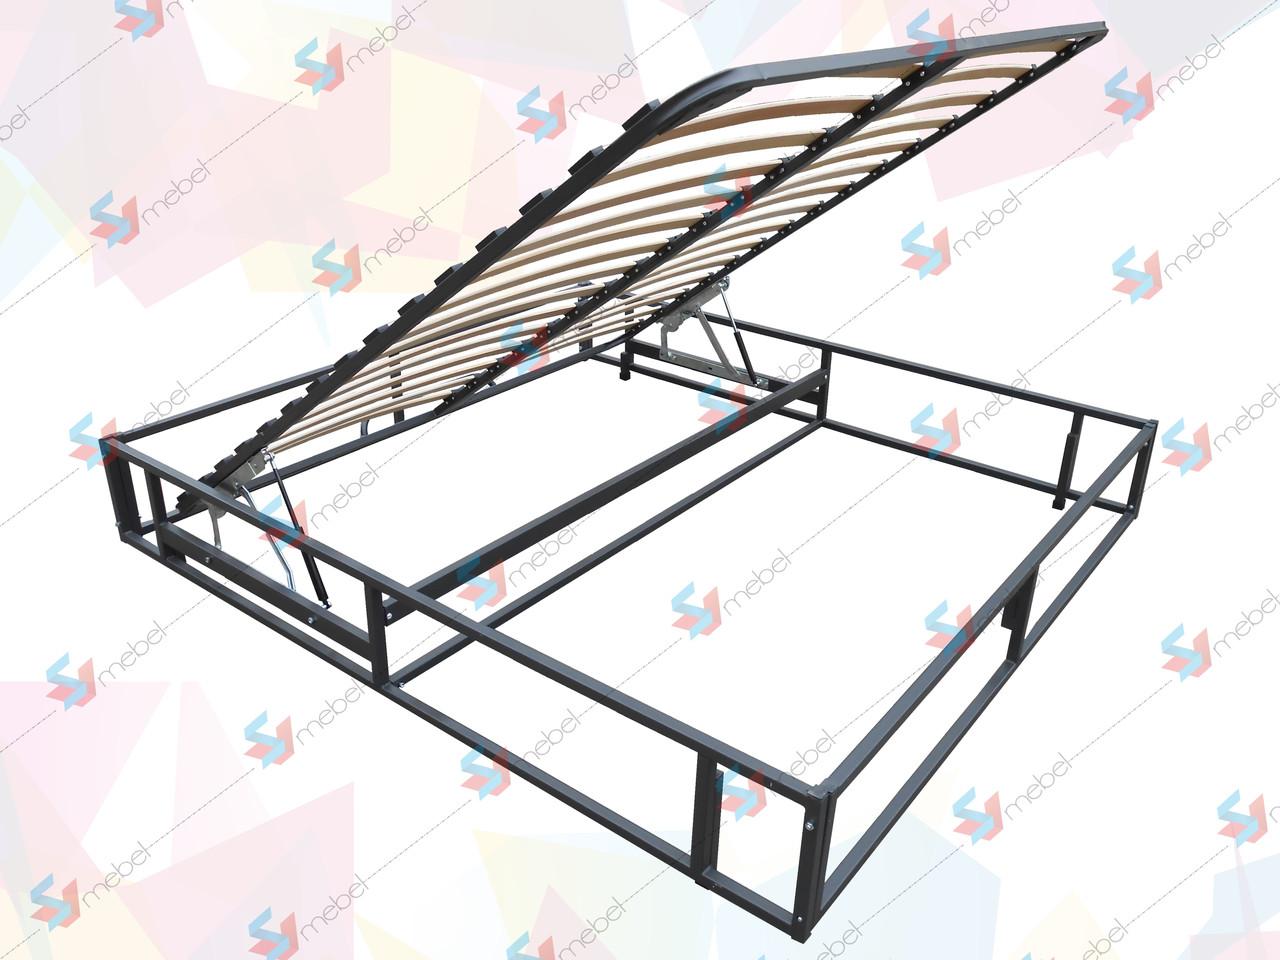 Каркас кровати с подъемным механизмом(без фиксатора) и основанием 1900х1400 мм - SVmebel в Мелитополе